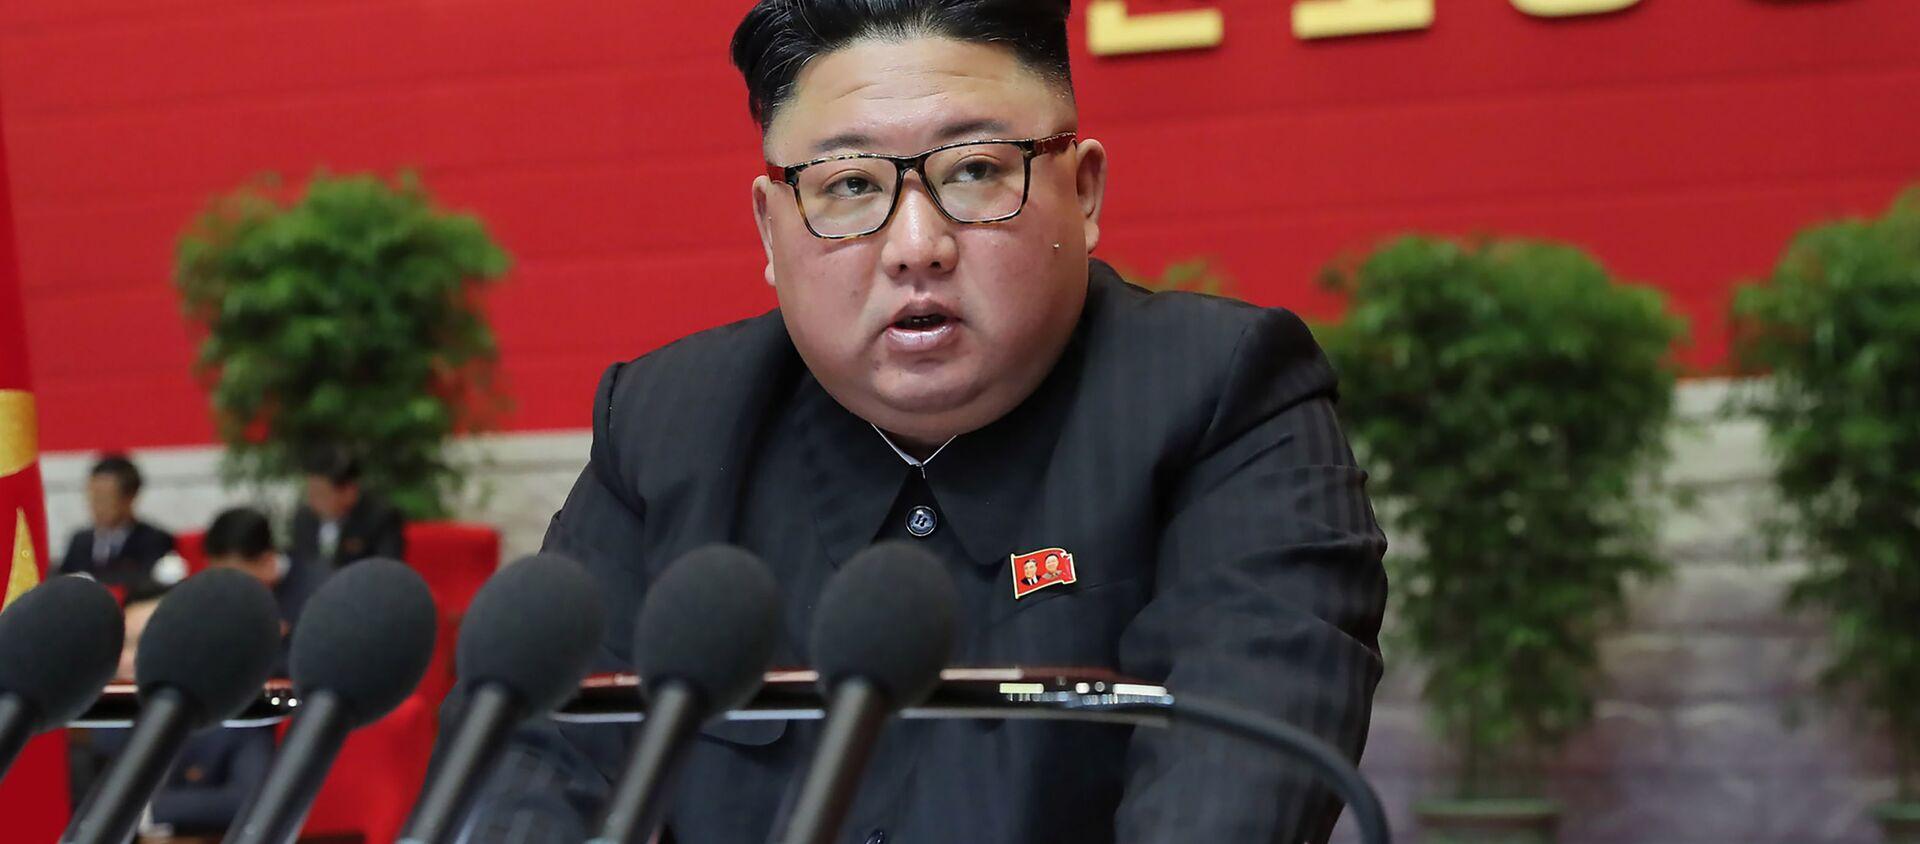 北朝鮮に対話を呼びかけるバイデン大統領:北朝鮮はなぜ拒否するのか? - Sputnik 日本, 1920, 05.10.2021